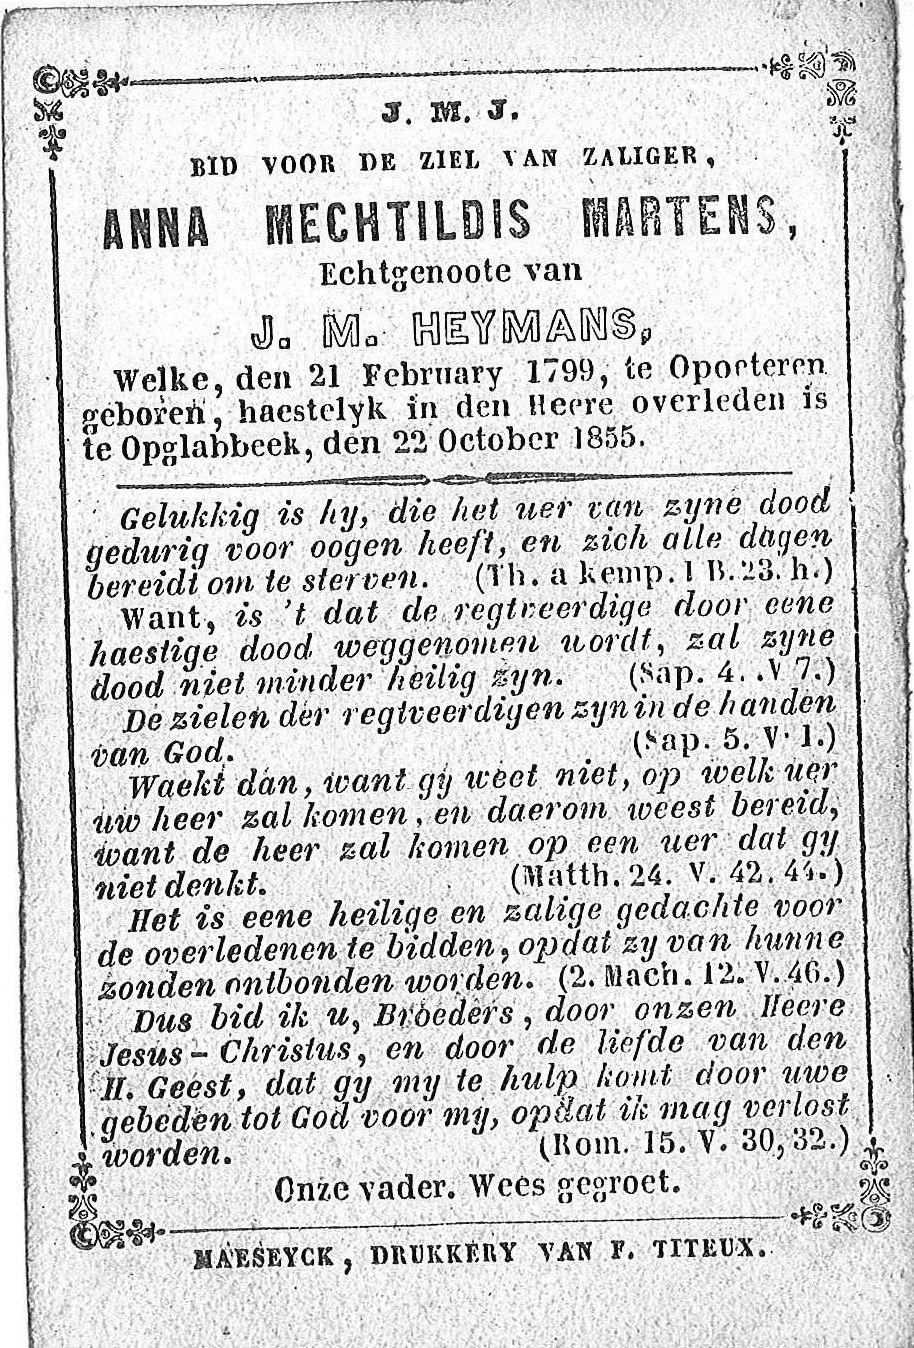 Anna Mechtildis Martens